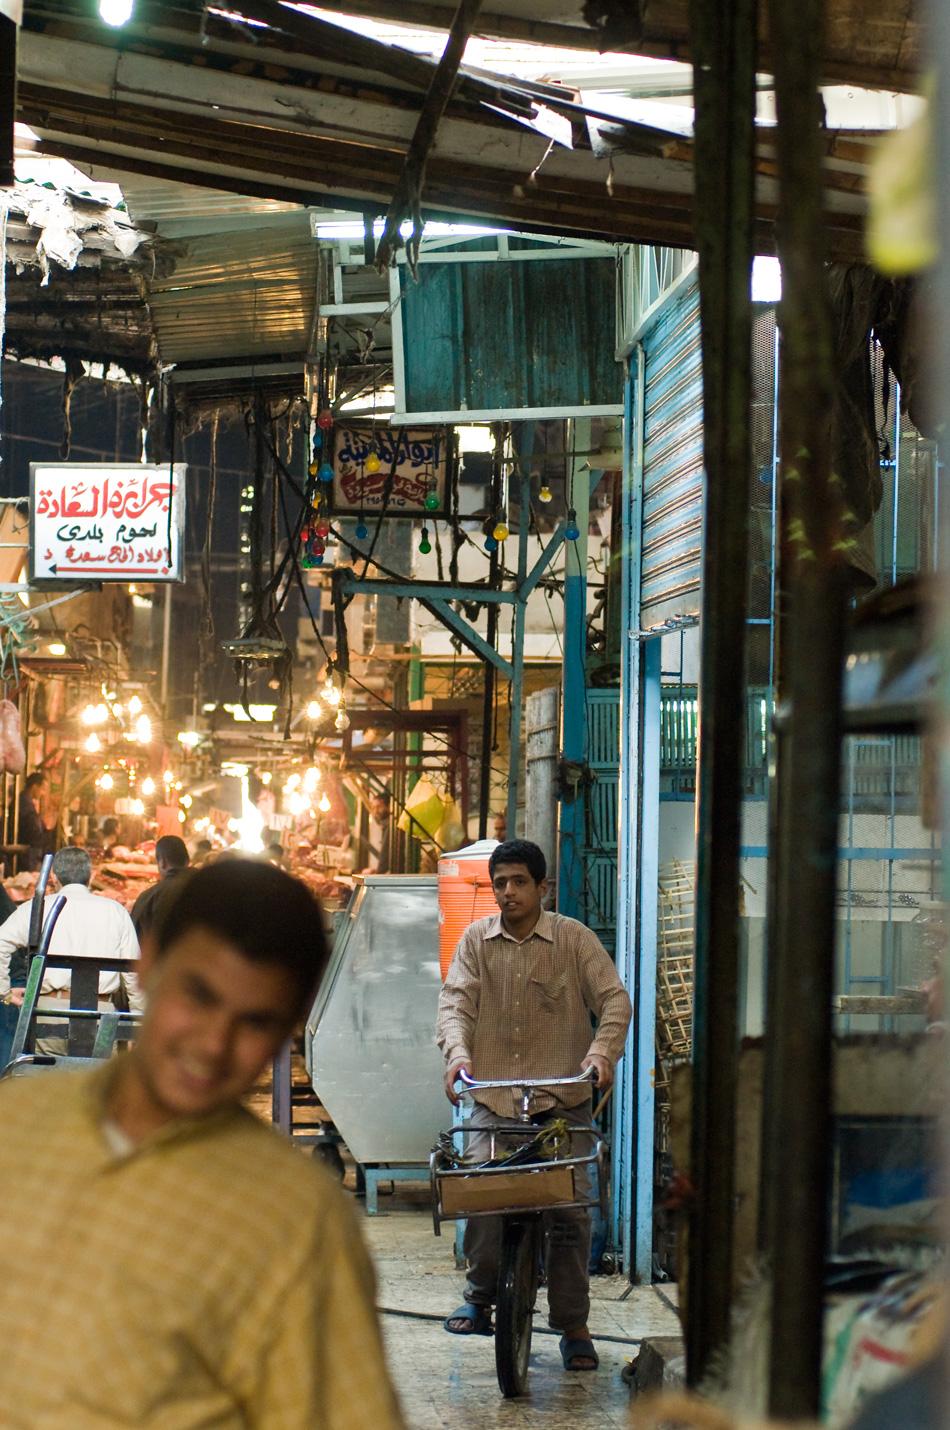 Market place - 2009